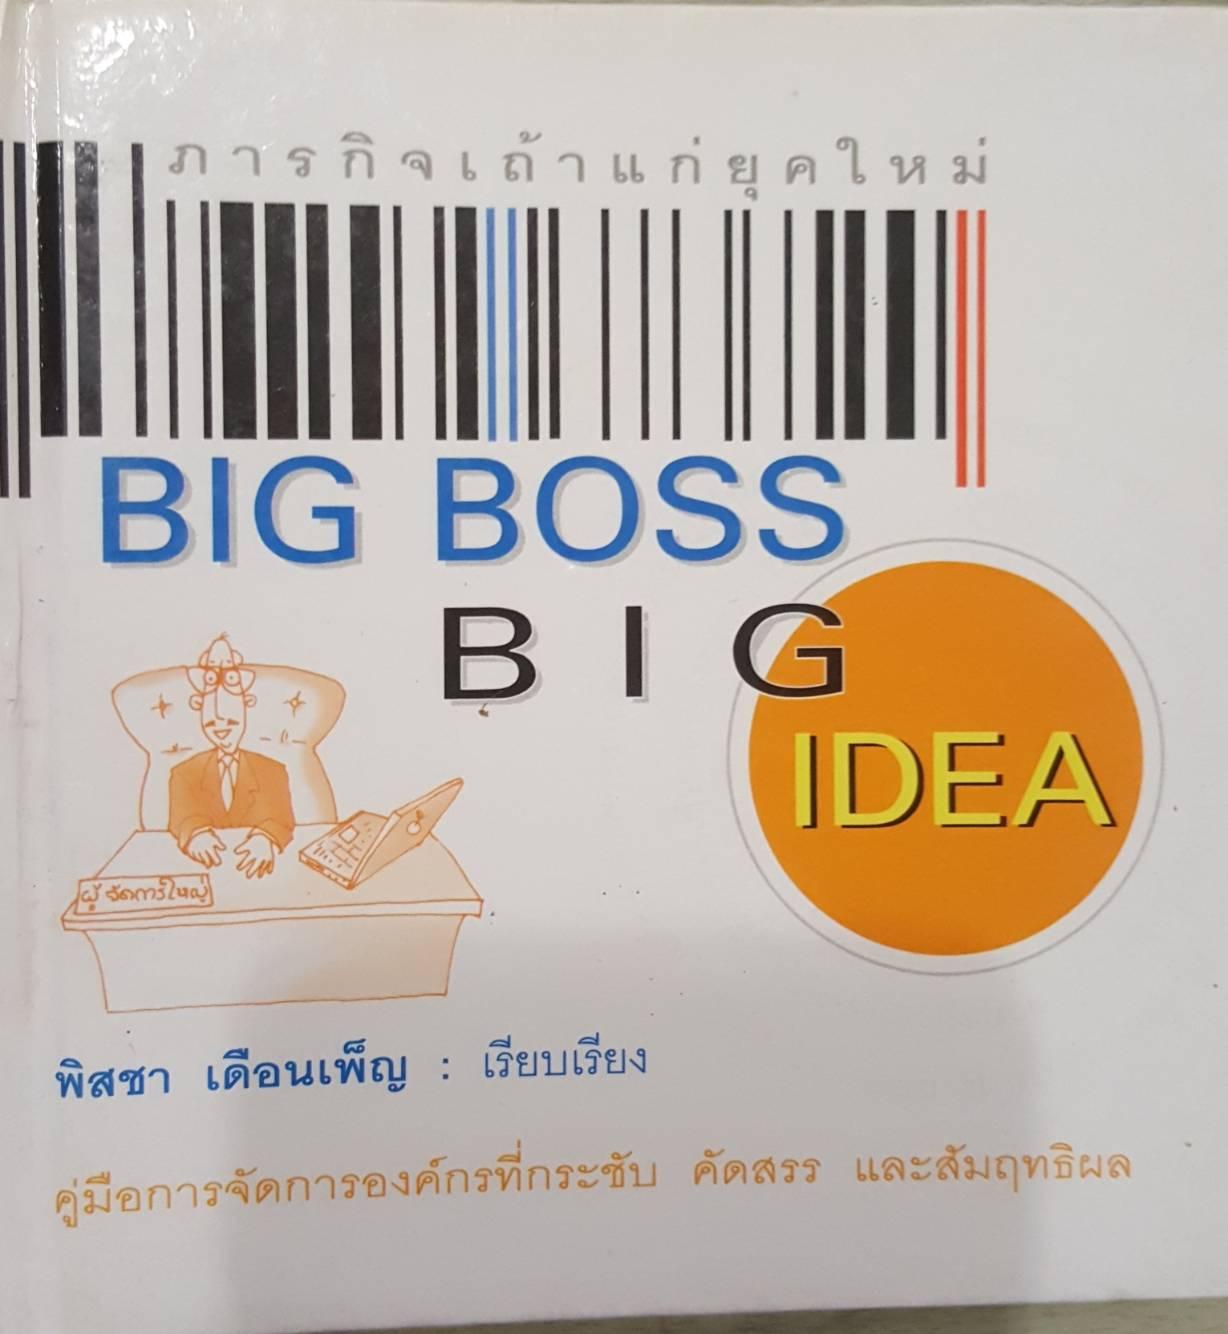 ภารกิจเถ้าแก่ยุคใหม่ BIG BOSS BIG IDEA